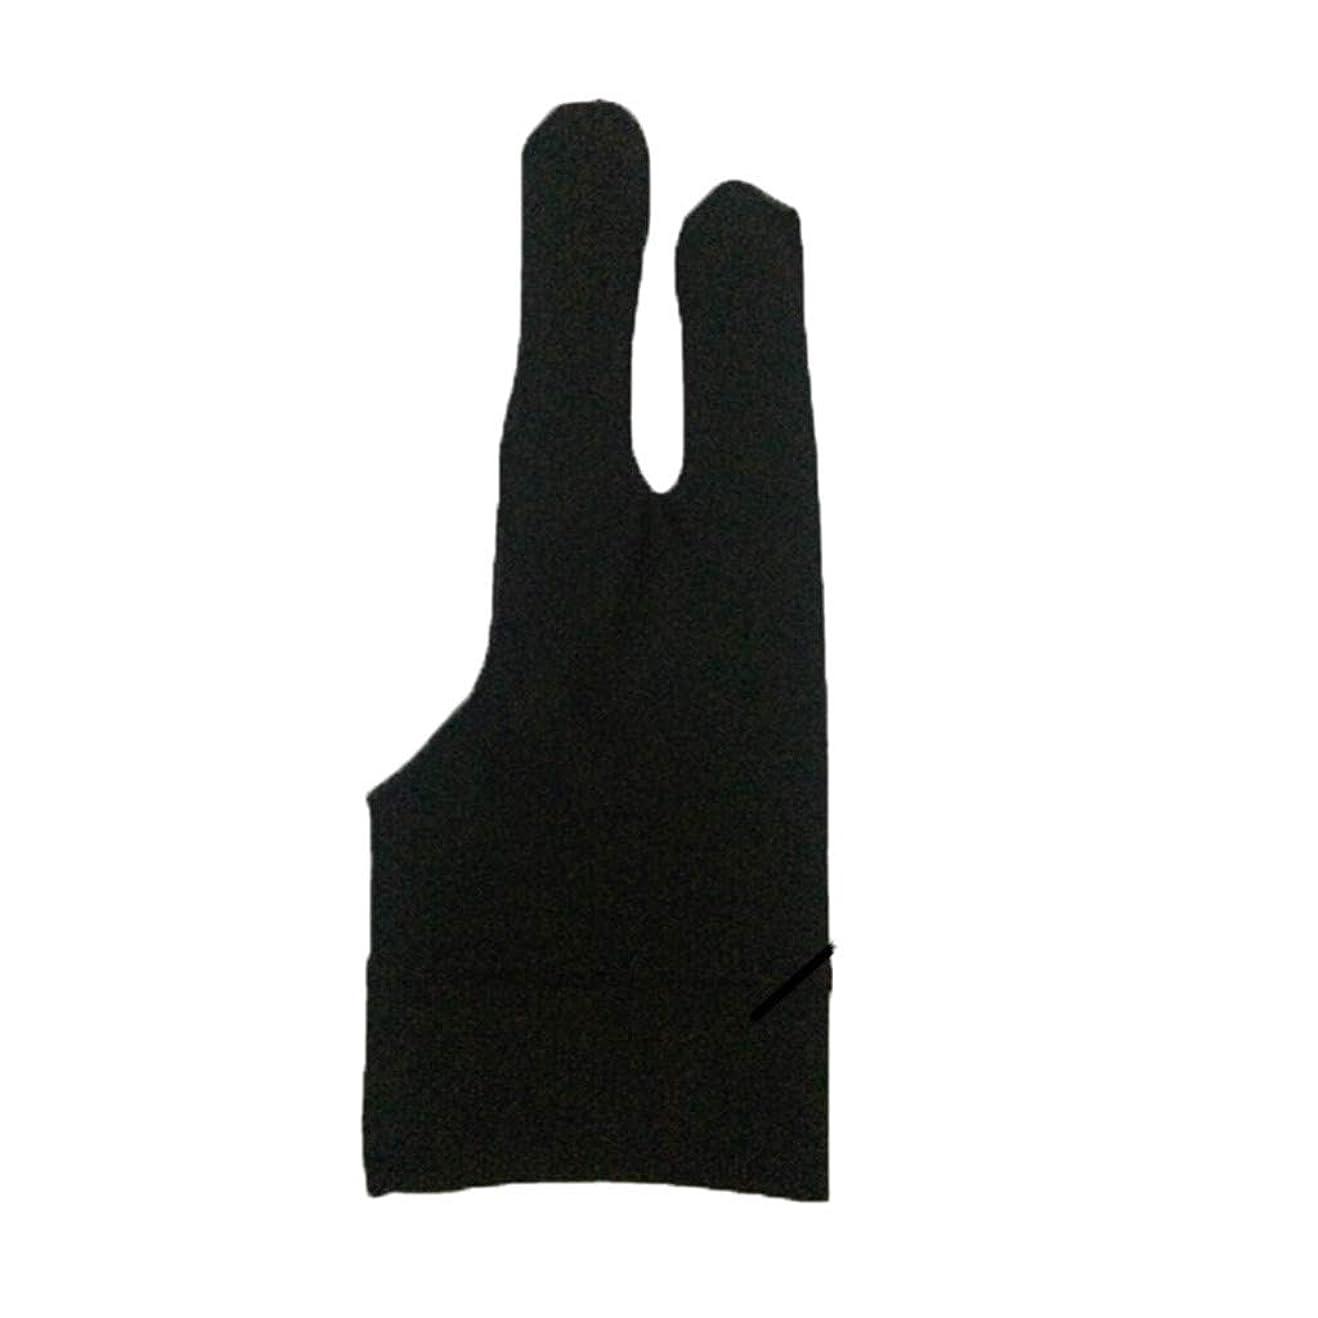 上に意気消沈した滑るLazayyii 芸術家 2本 汚れ防止手袋 デッサン及びペン グラフィックタブレット パッド (A)